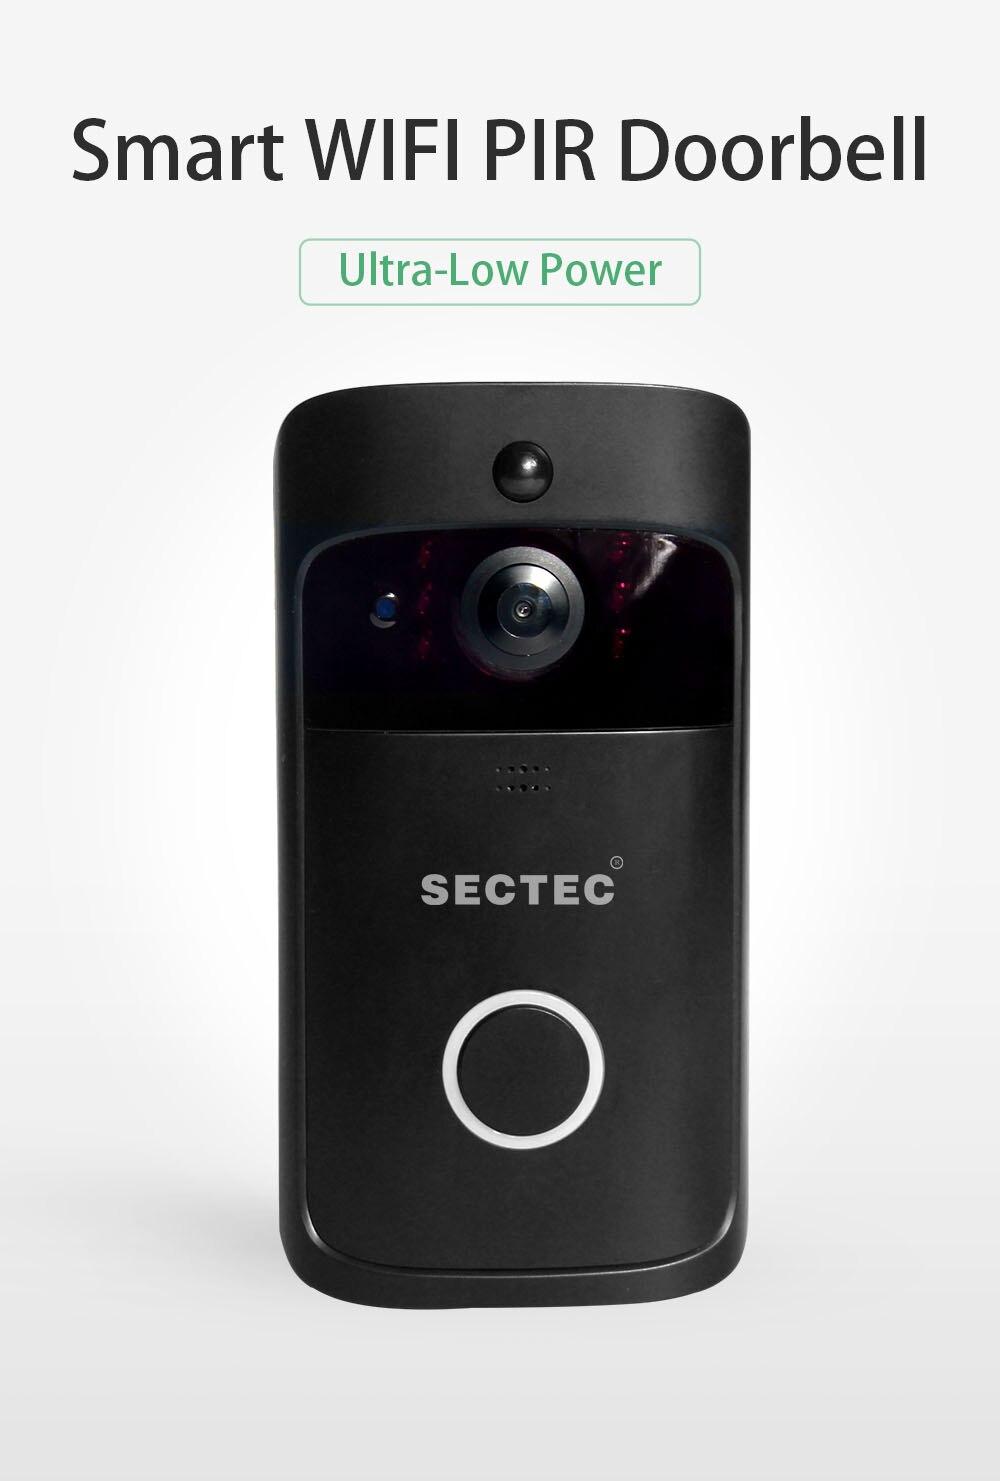 INQMEGA Wifi vidéo sonnette sans fil caméra de sécurité téléphone maison porte cloche alarme télécommande téléphone Vision nocturne en toute sécurité - 2